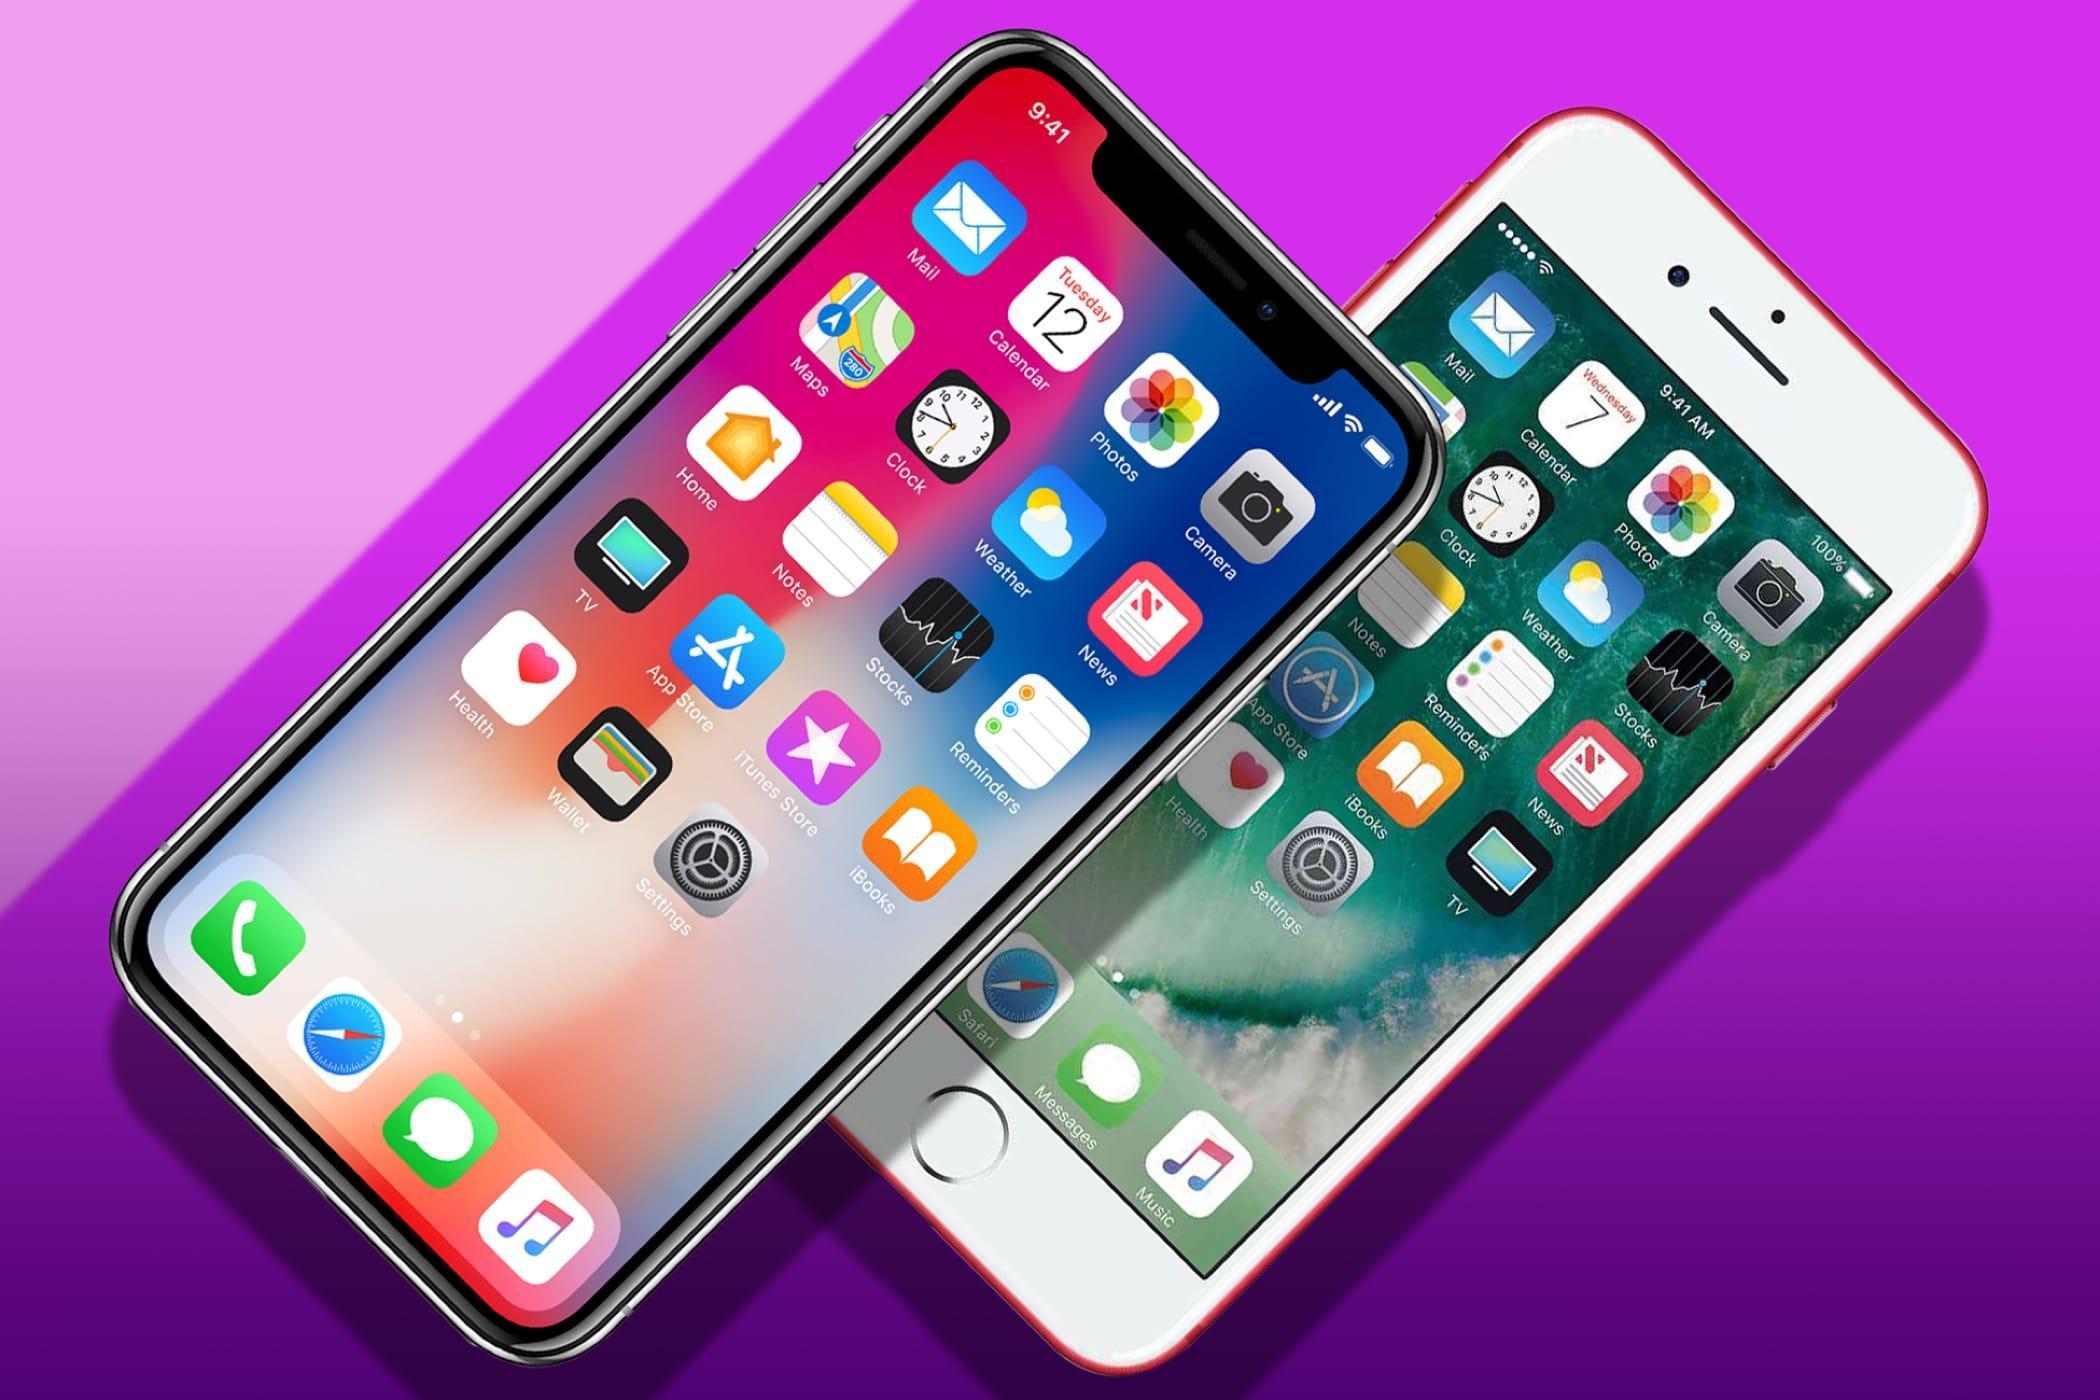 IPhone Xзанял треть мирового рынка телефонов повыручке